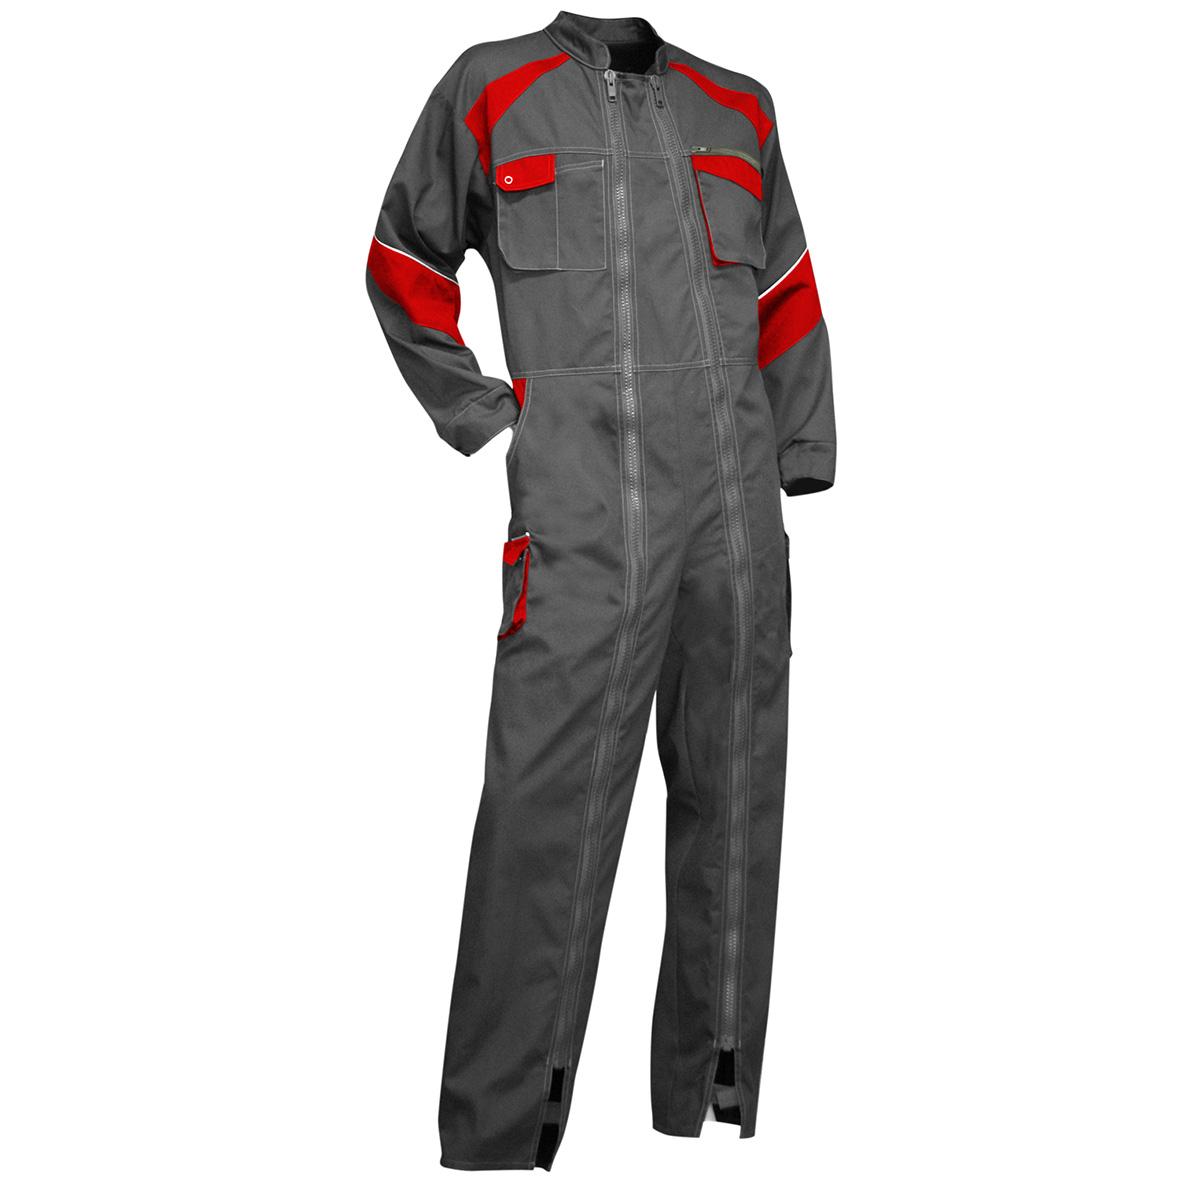 Cote de travail homme Luzerne, double fermeture gris et rouge, Taille 1